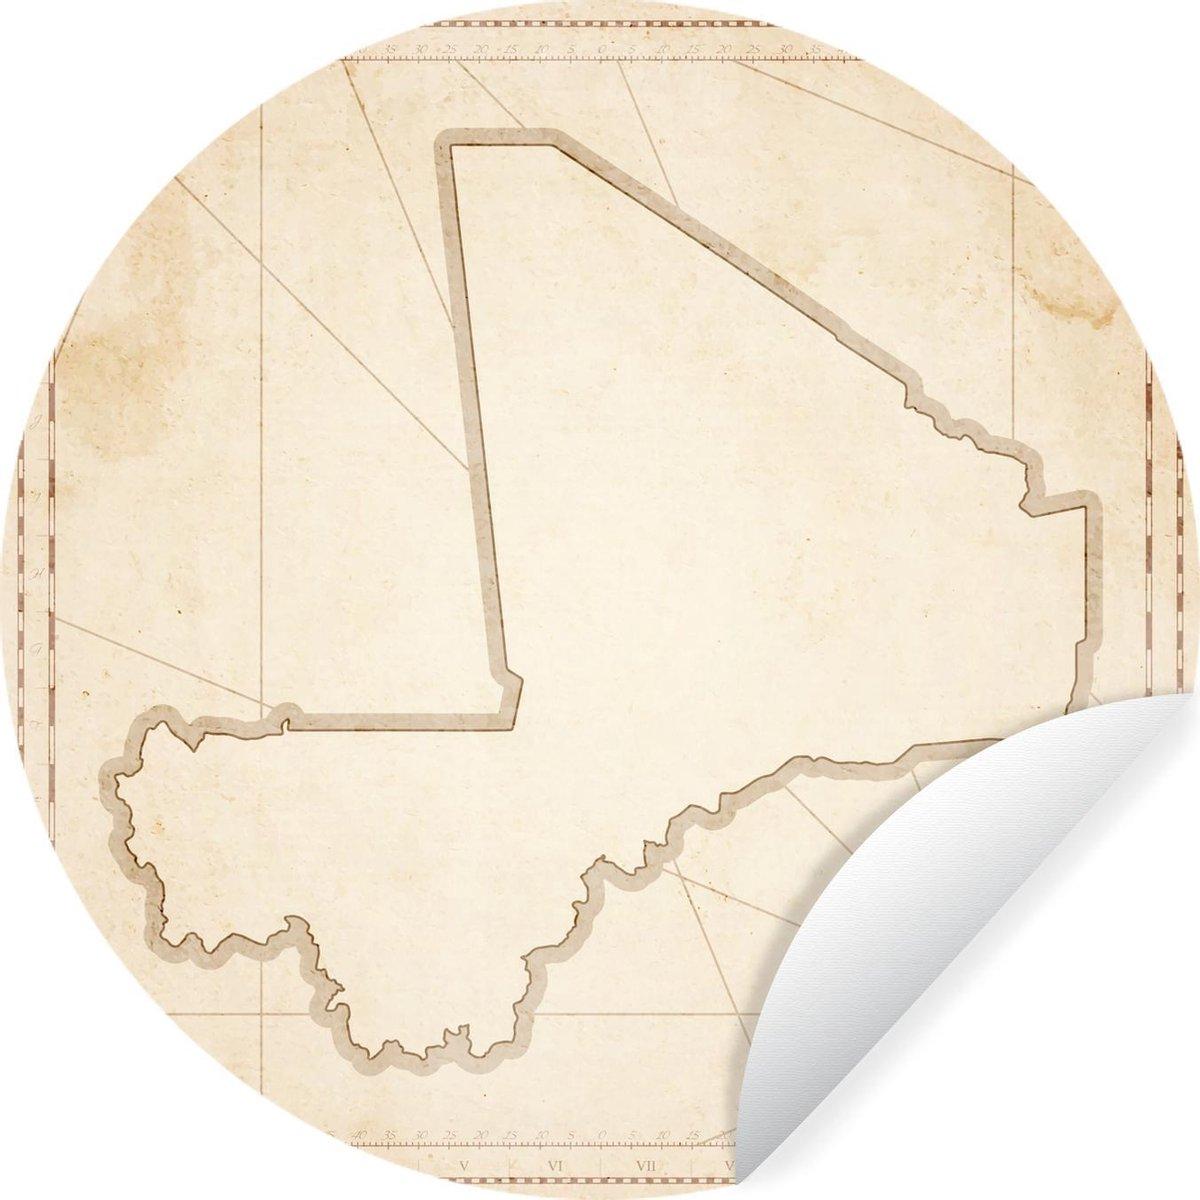 Wandcirkel Mali illustratie - Illustratie van Mali in vintage stijl -   30 cm - rond schilderij - behangcirkel - muurcirkel - wooncirkel - zelfklevend & rond uitgesneden